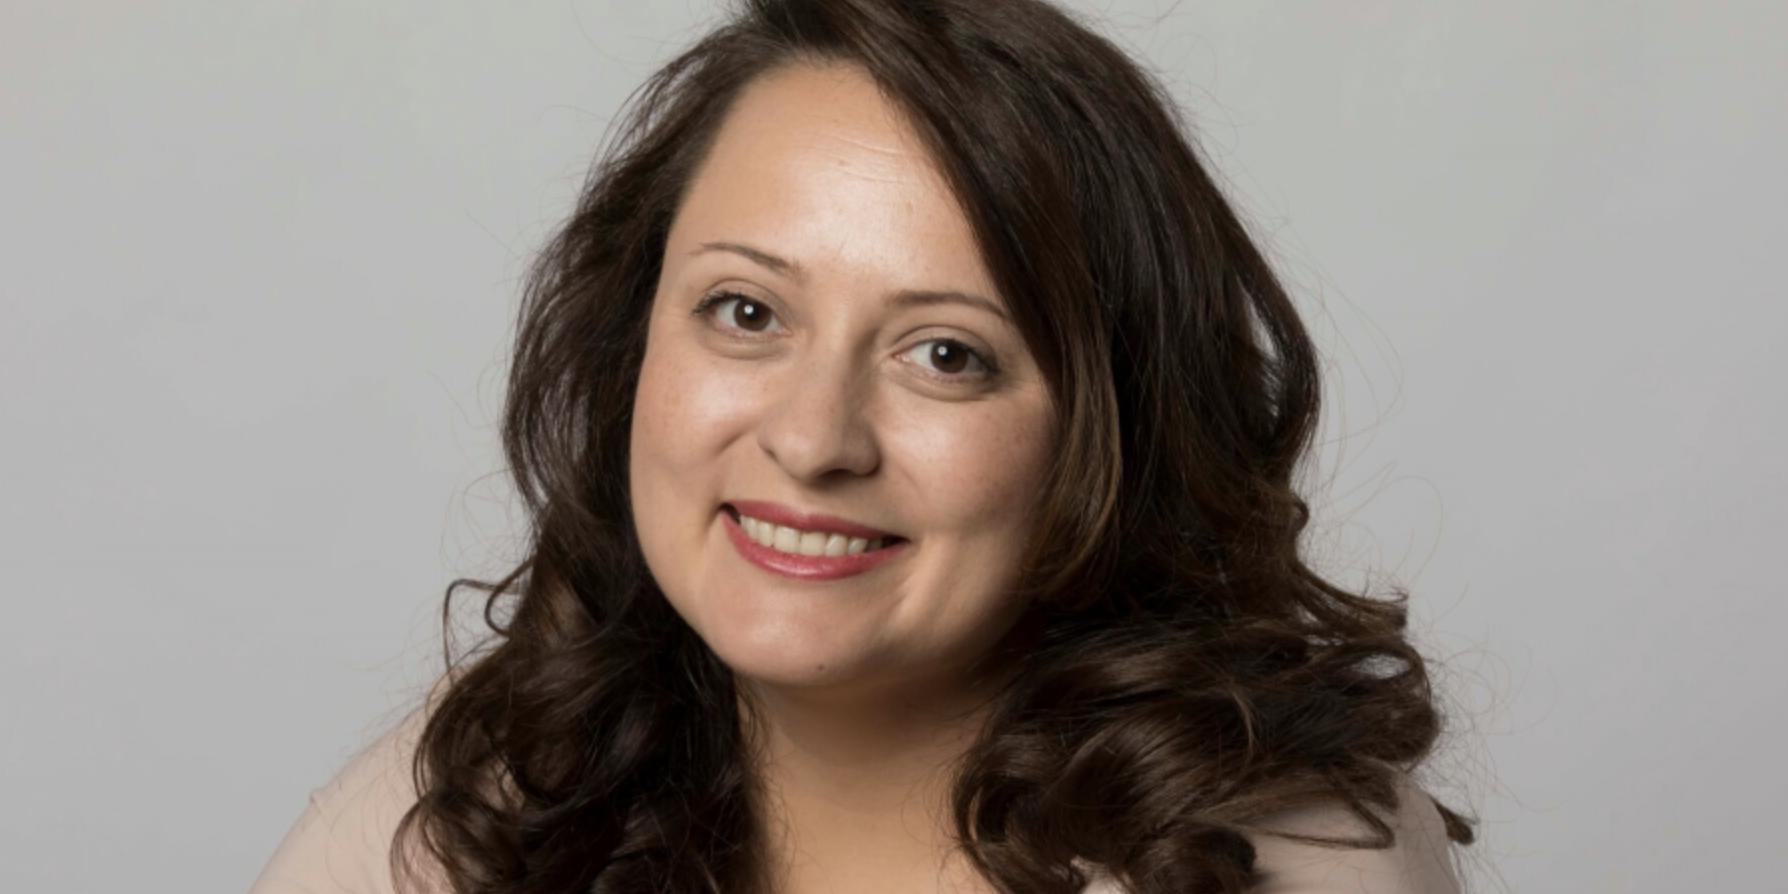 Het IT services bedrijf heeft Julie Verlingue benoemd tot adjunct Chief Executive Officer van de